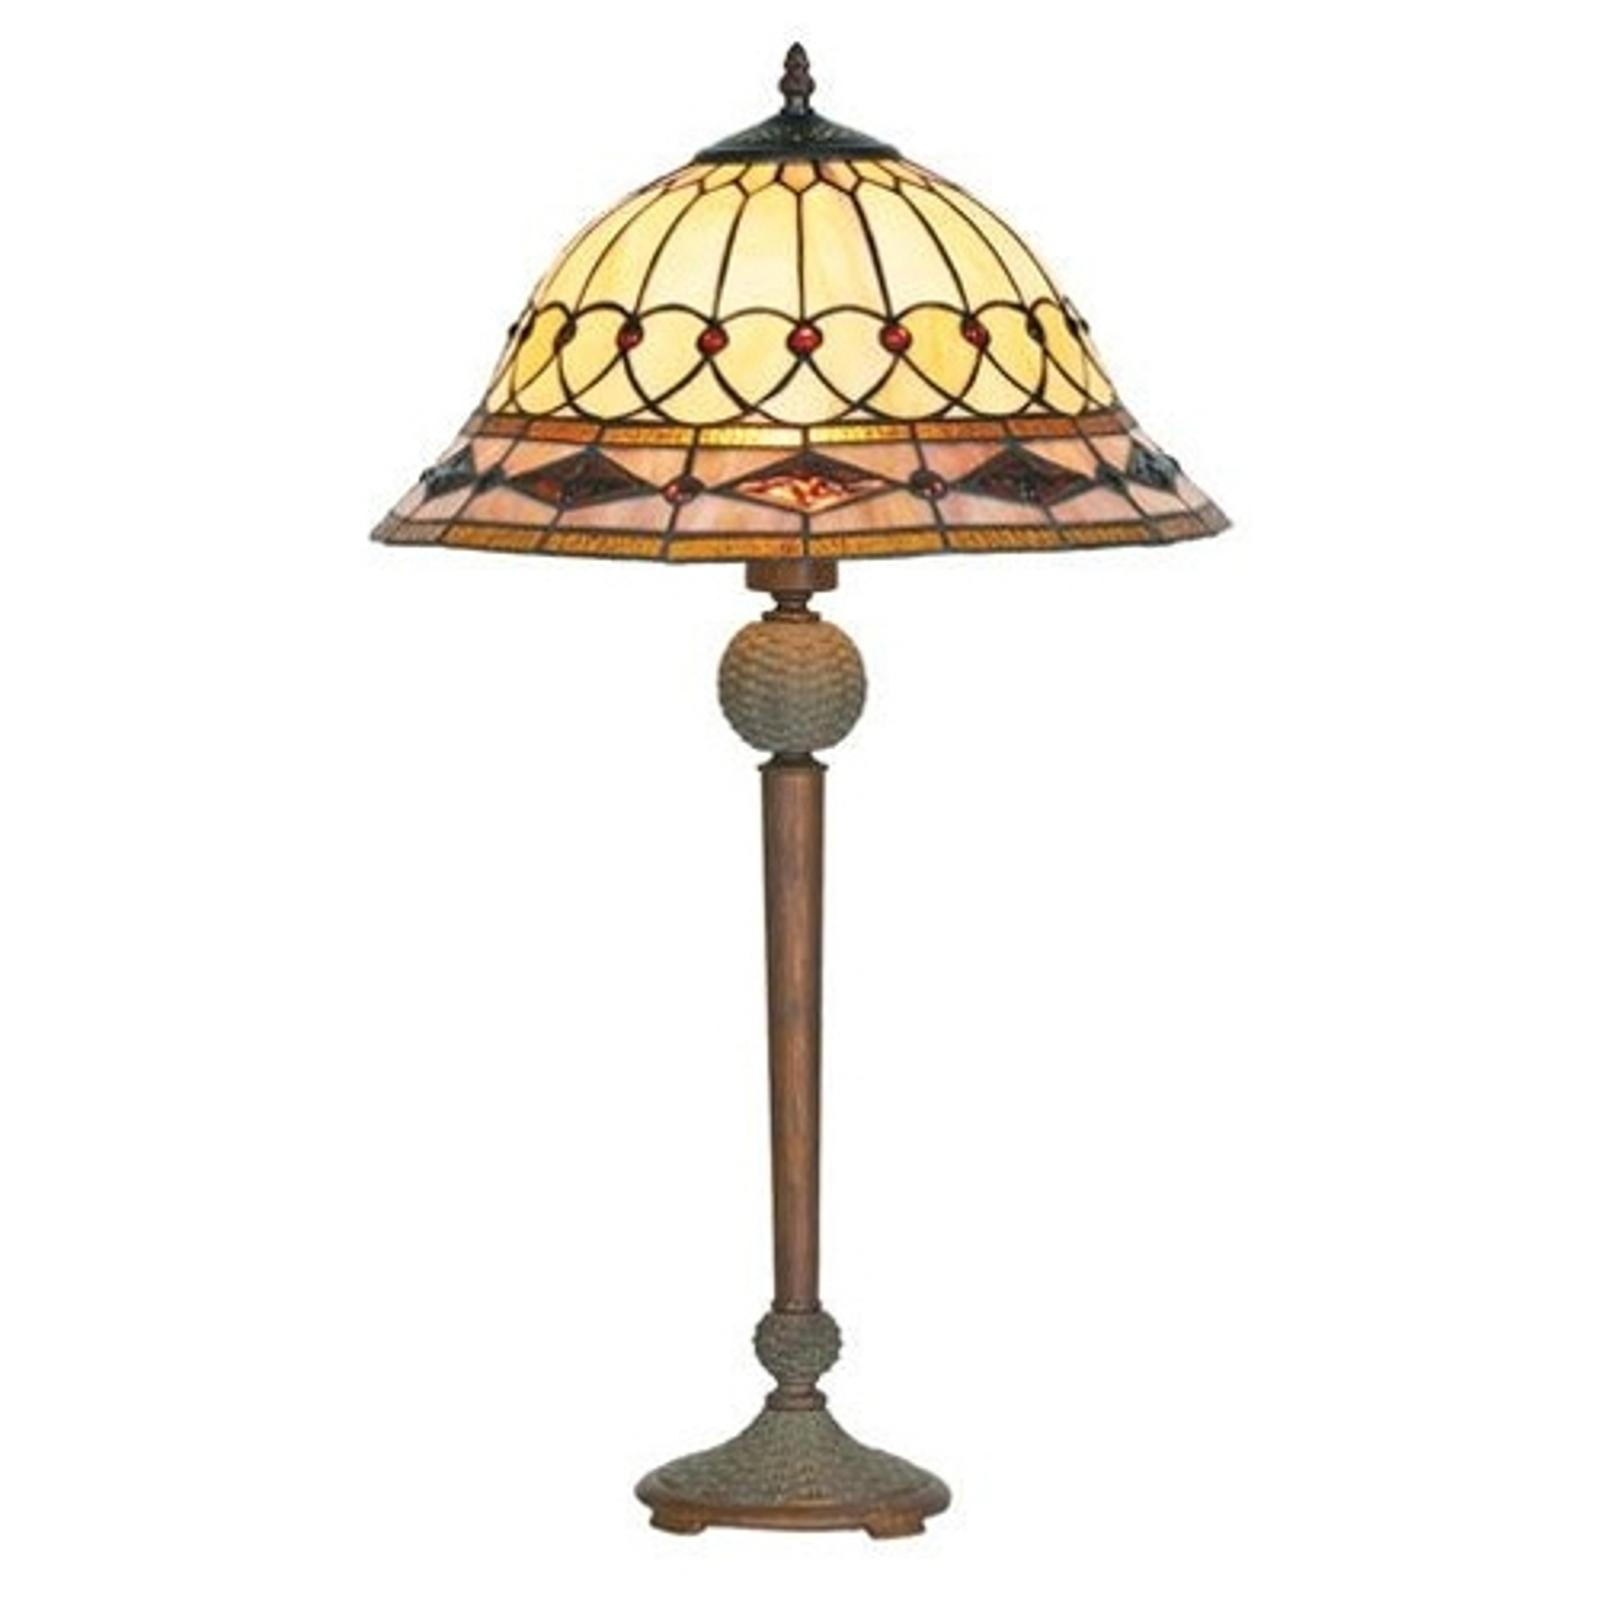 Kassandra stolná lampa v štýle Tiffany_1032116_1